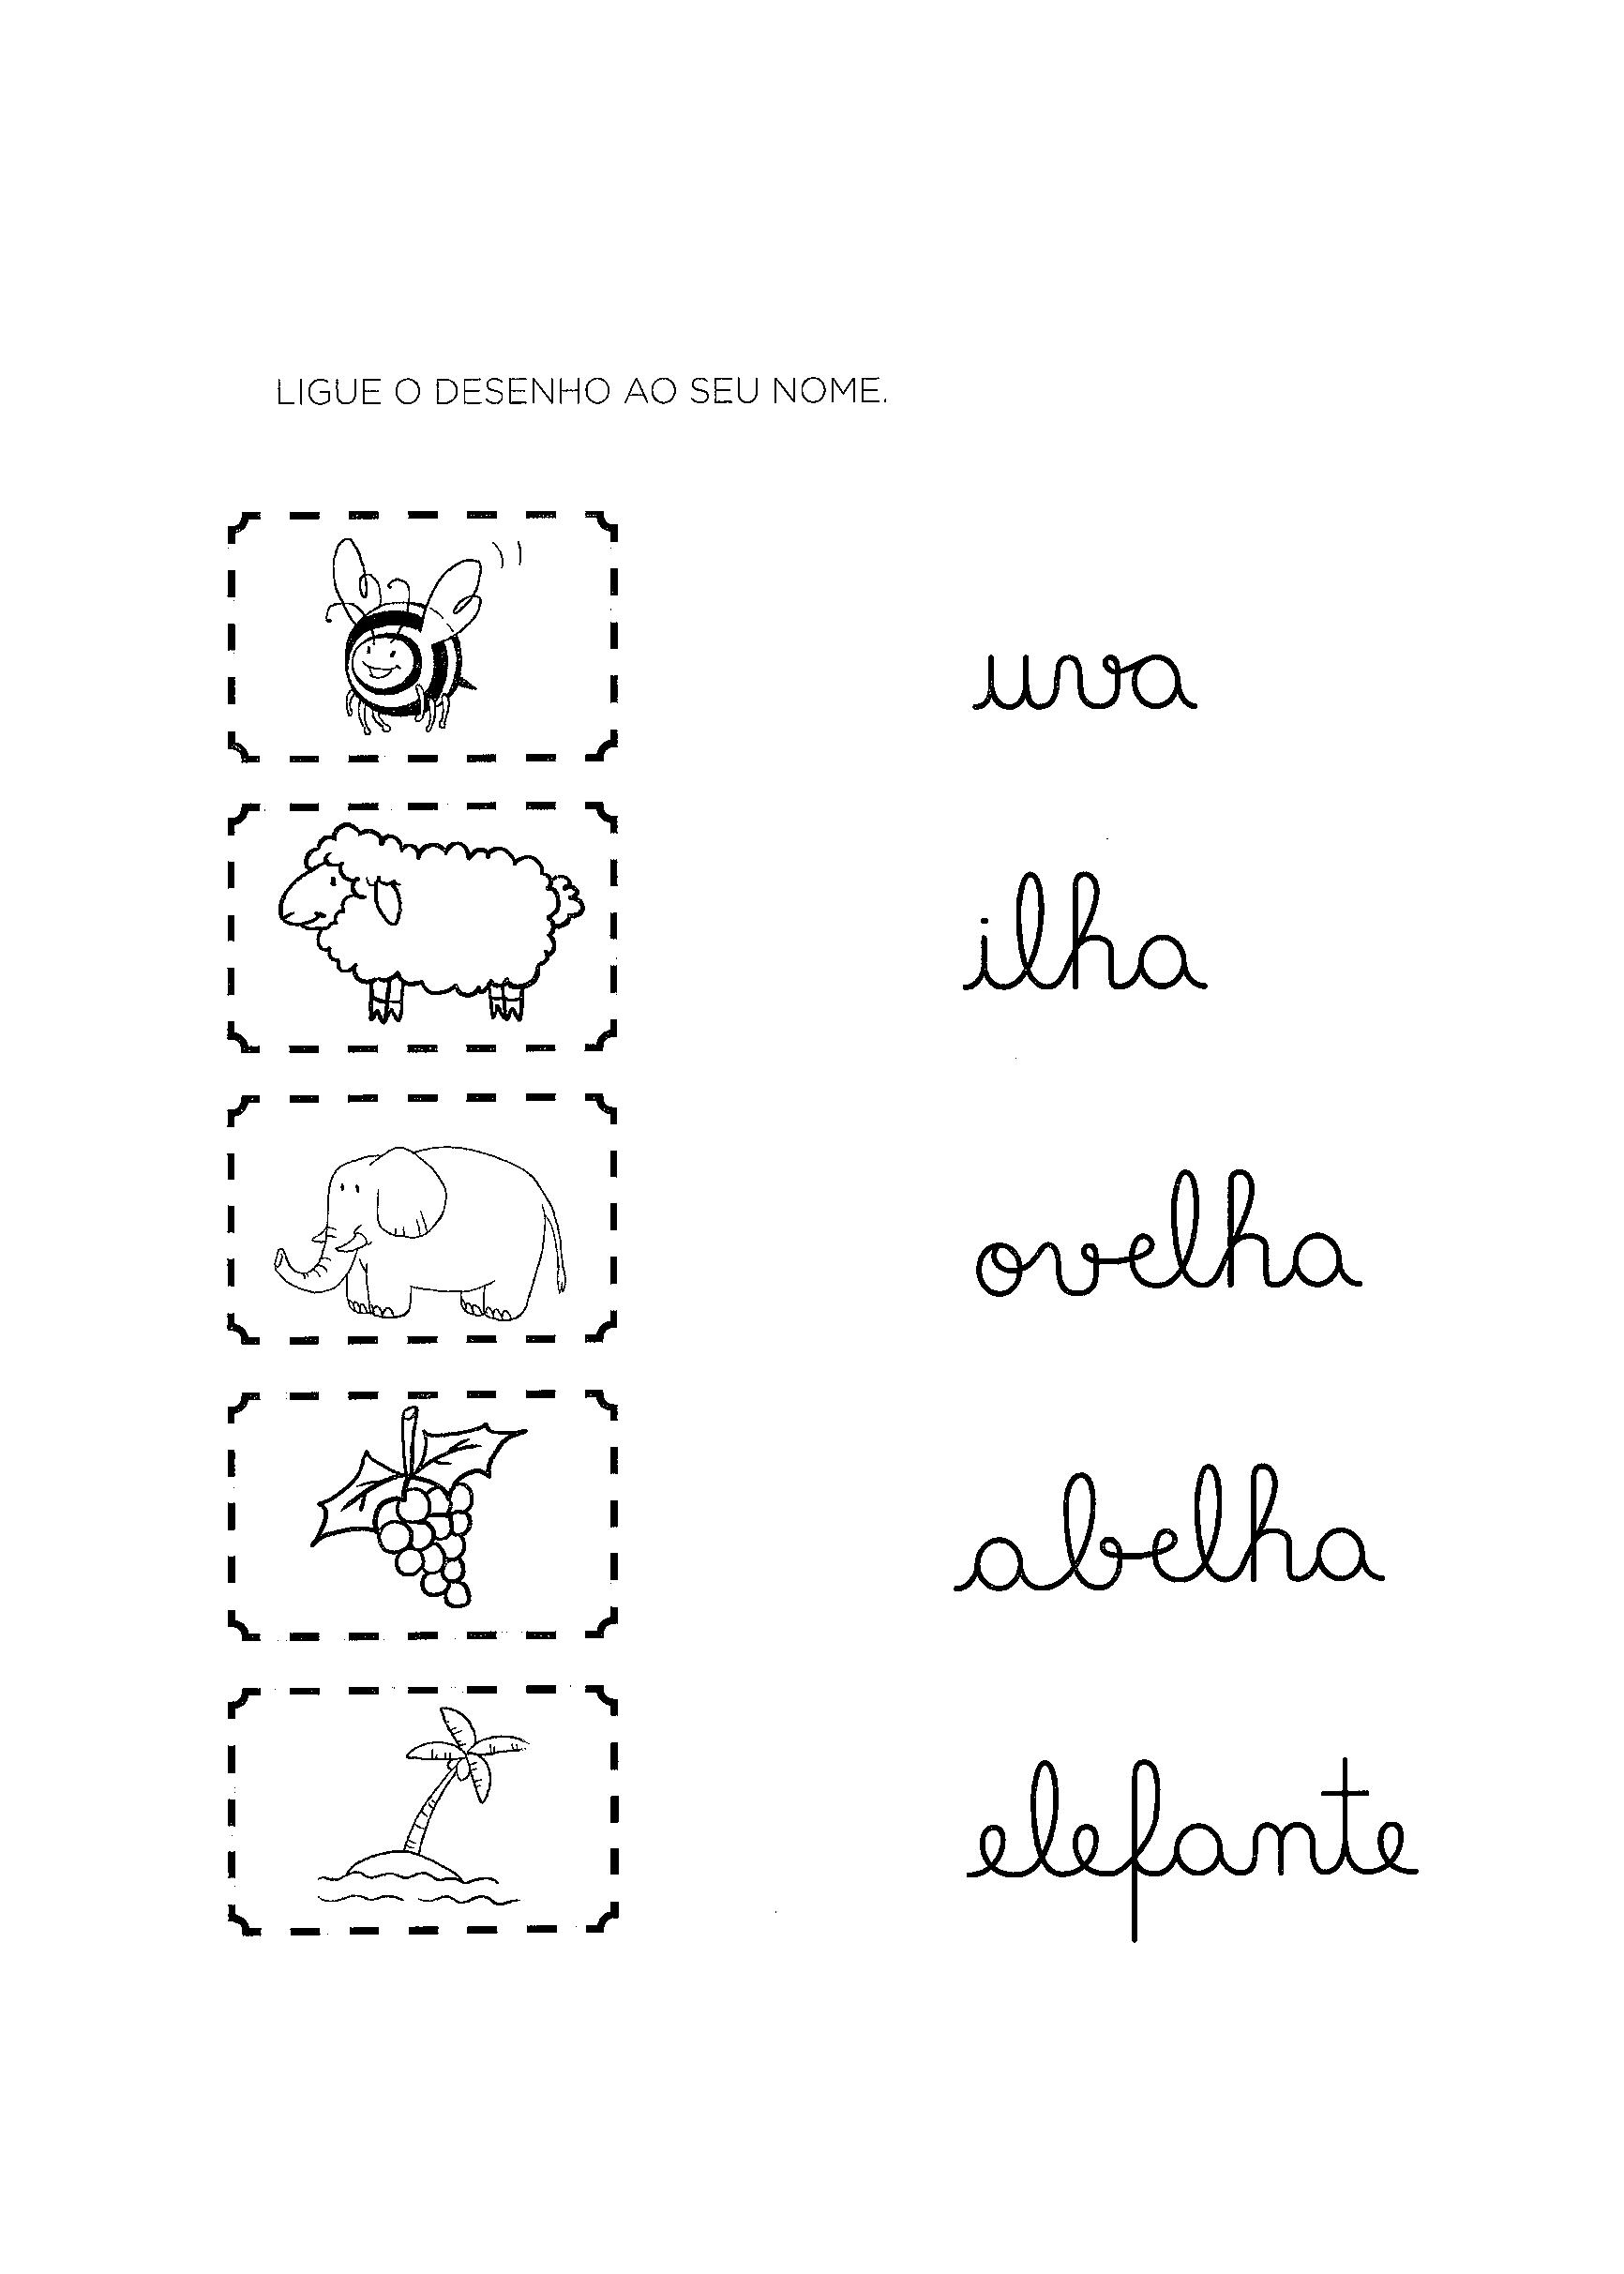 alfabetizacao_vogais_ligar_nomes_cursiva